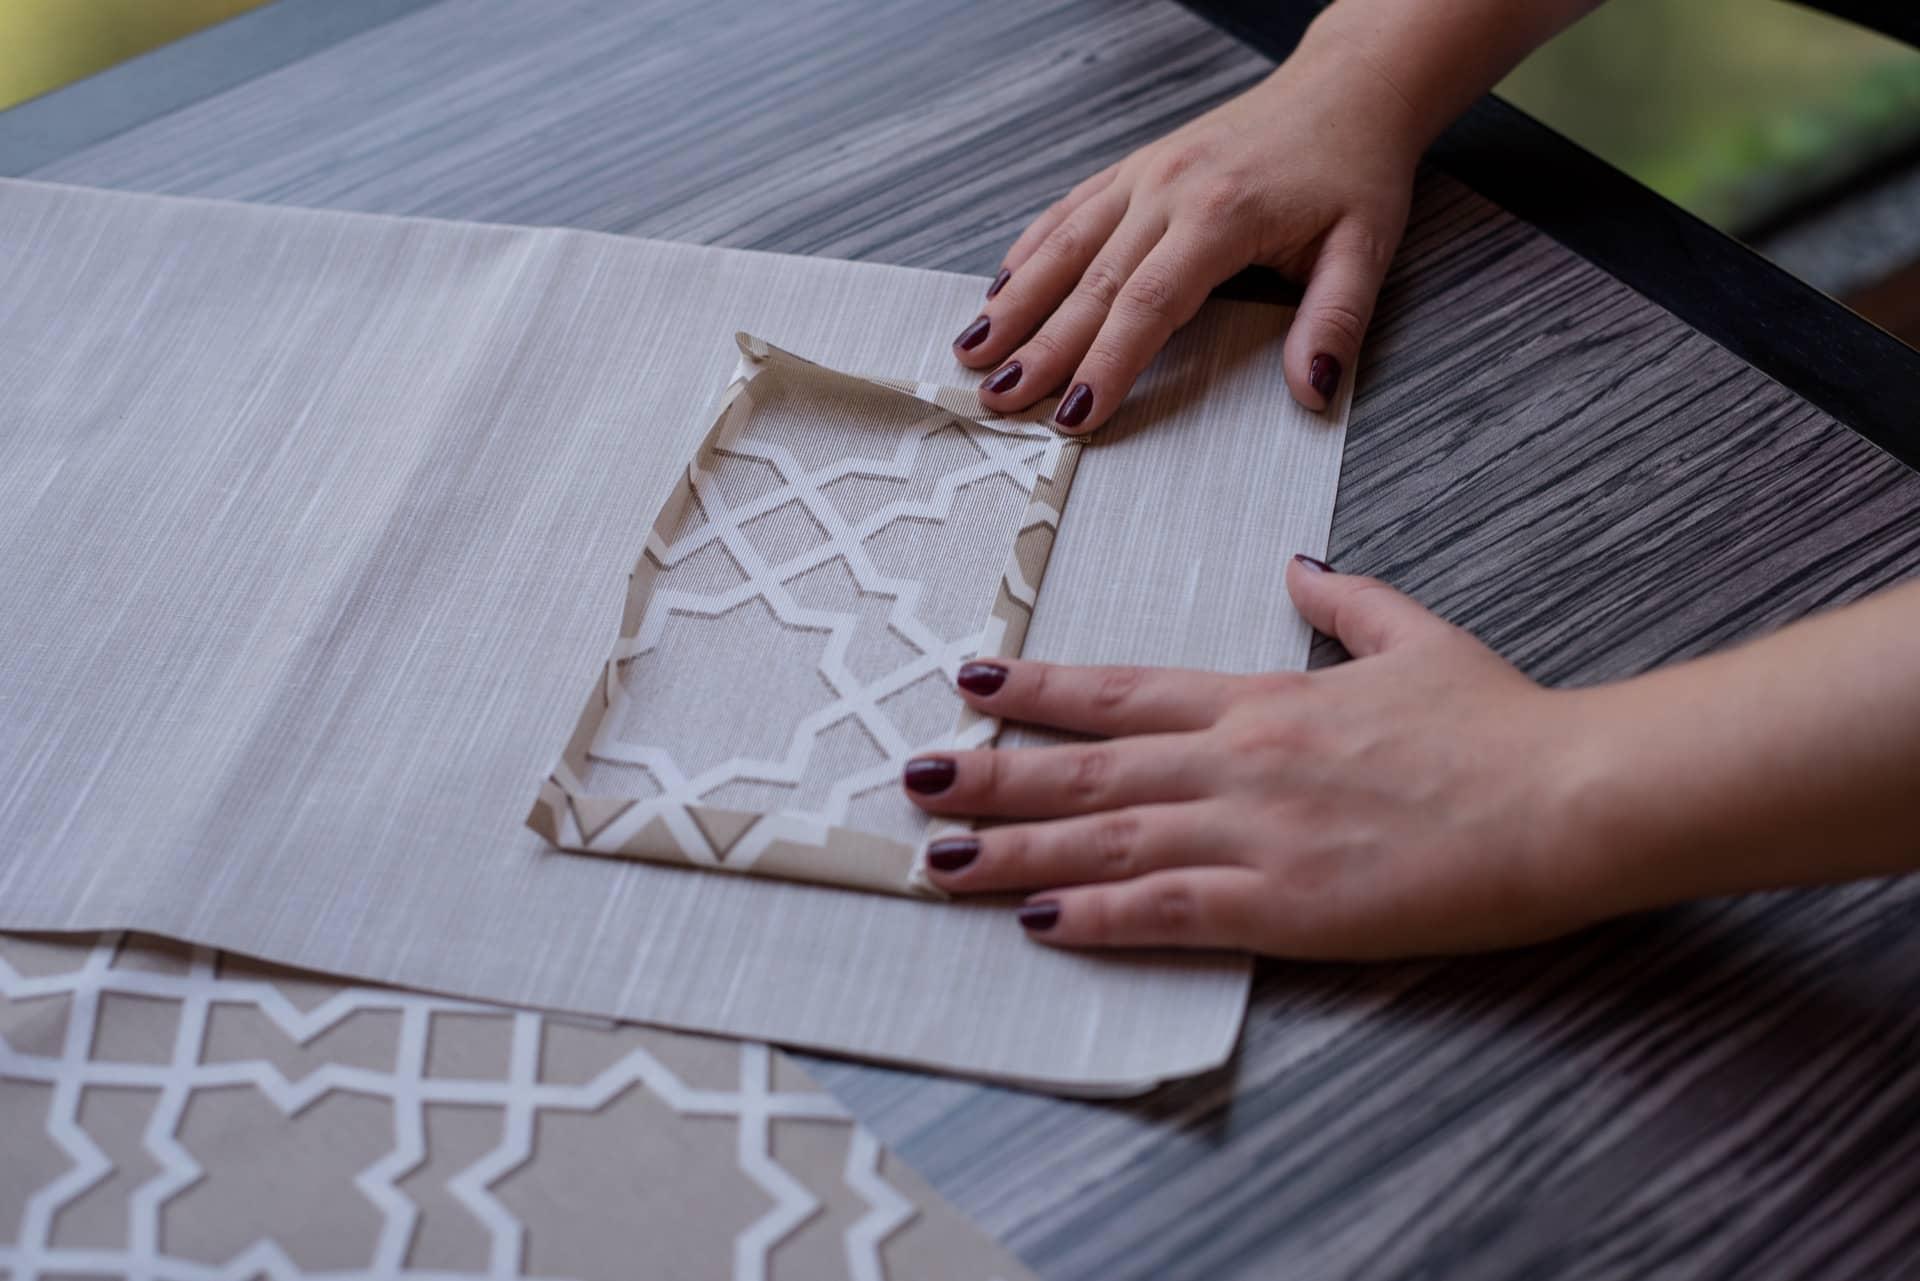 Passo 2: recorte o bolso. Ele mede 12 cm x 22 cm, já contando com o espaço pra dobrar e costurar. Depois de fazer as dobras, passe com o ferro para vincar. Foto: Karla Rudnick